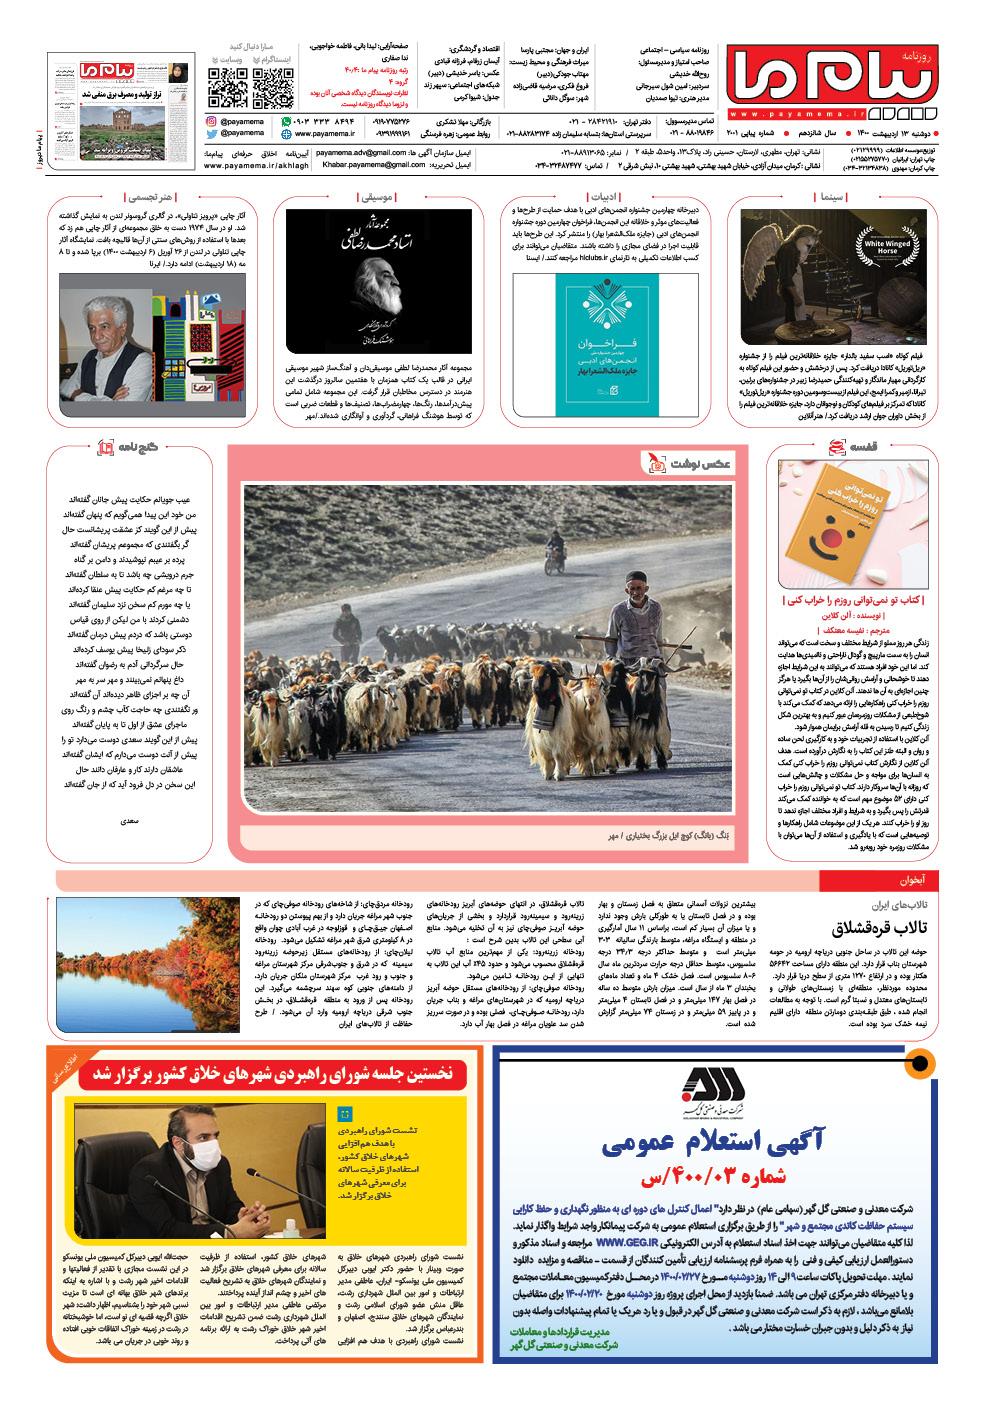 صفحه آخر شماره ۲۰۰۱ روزنامه پیام ما